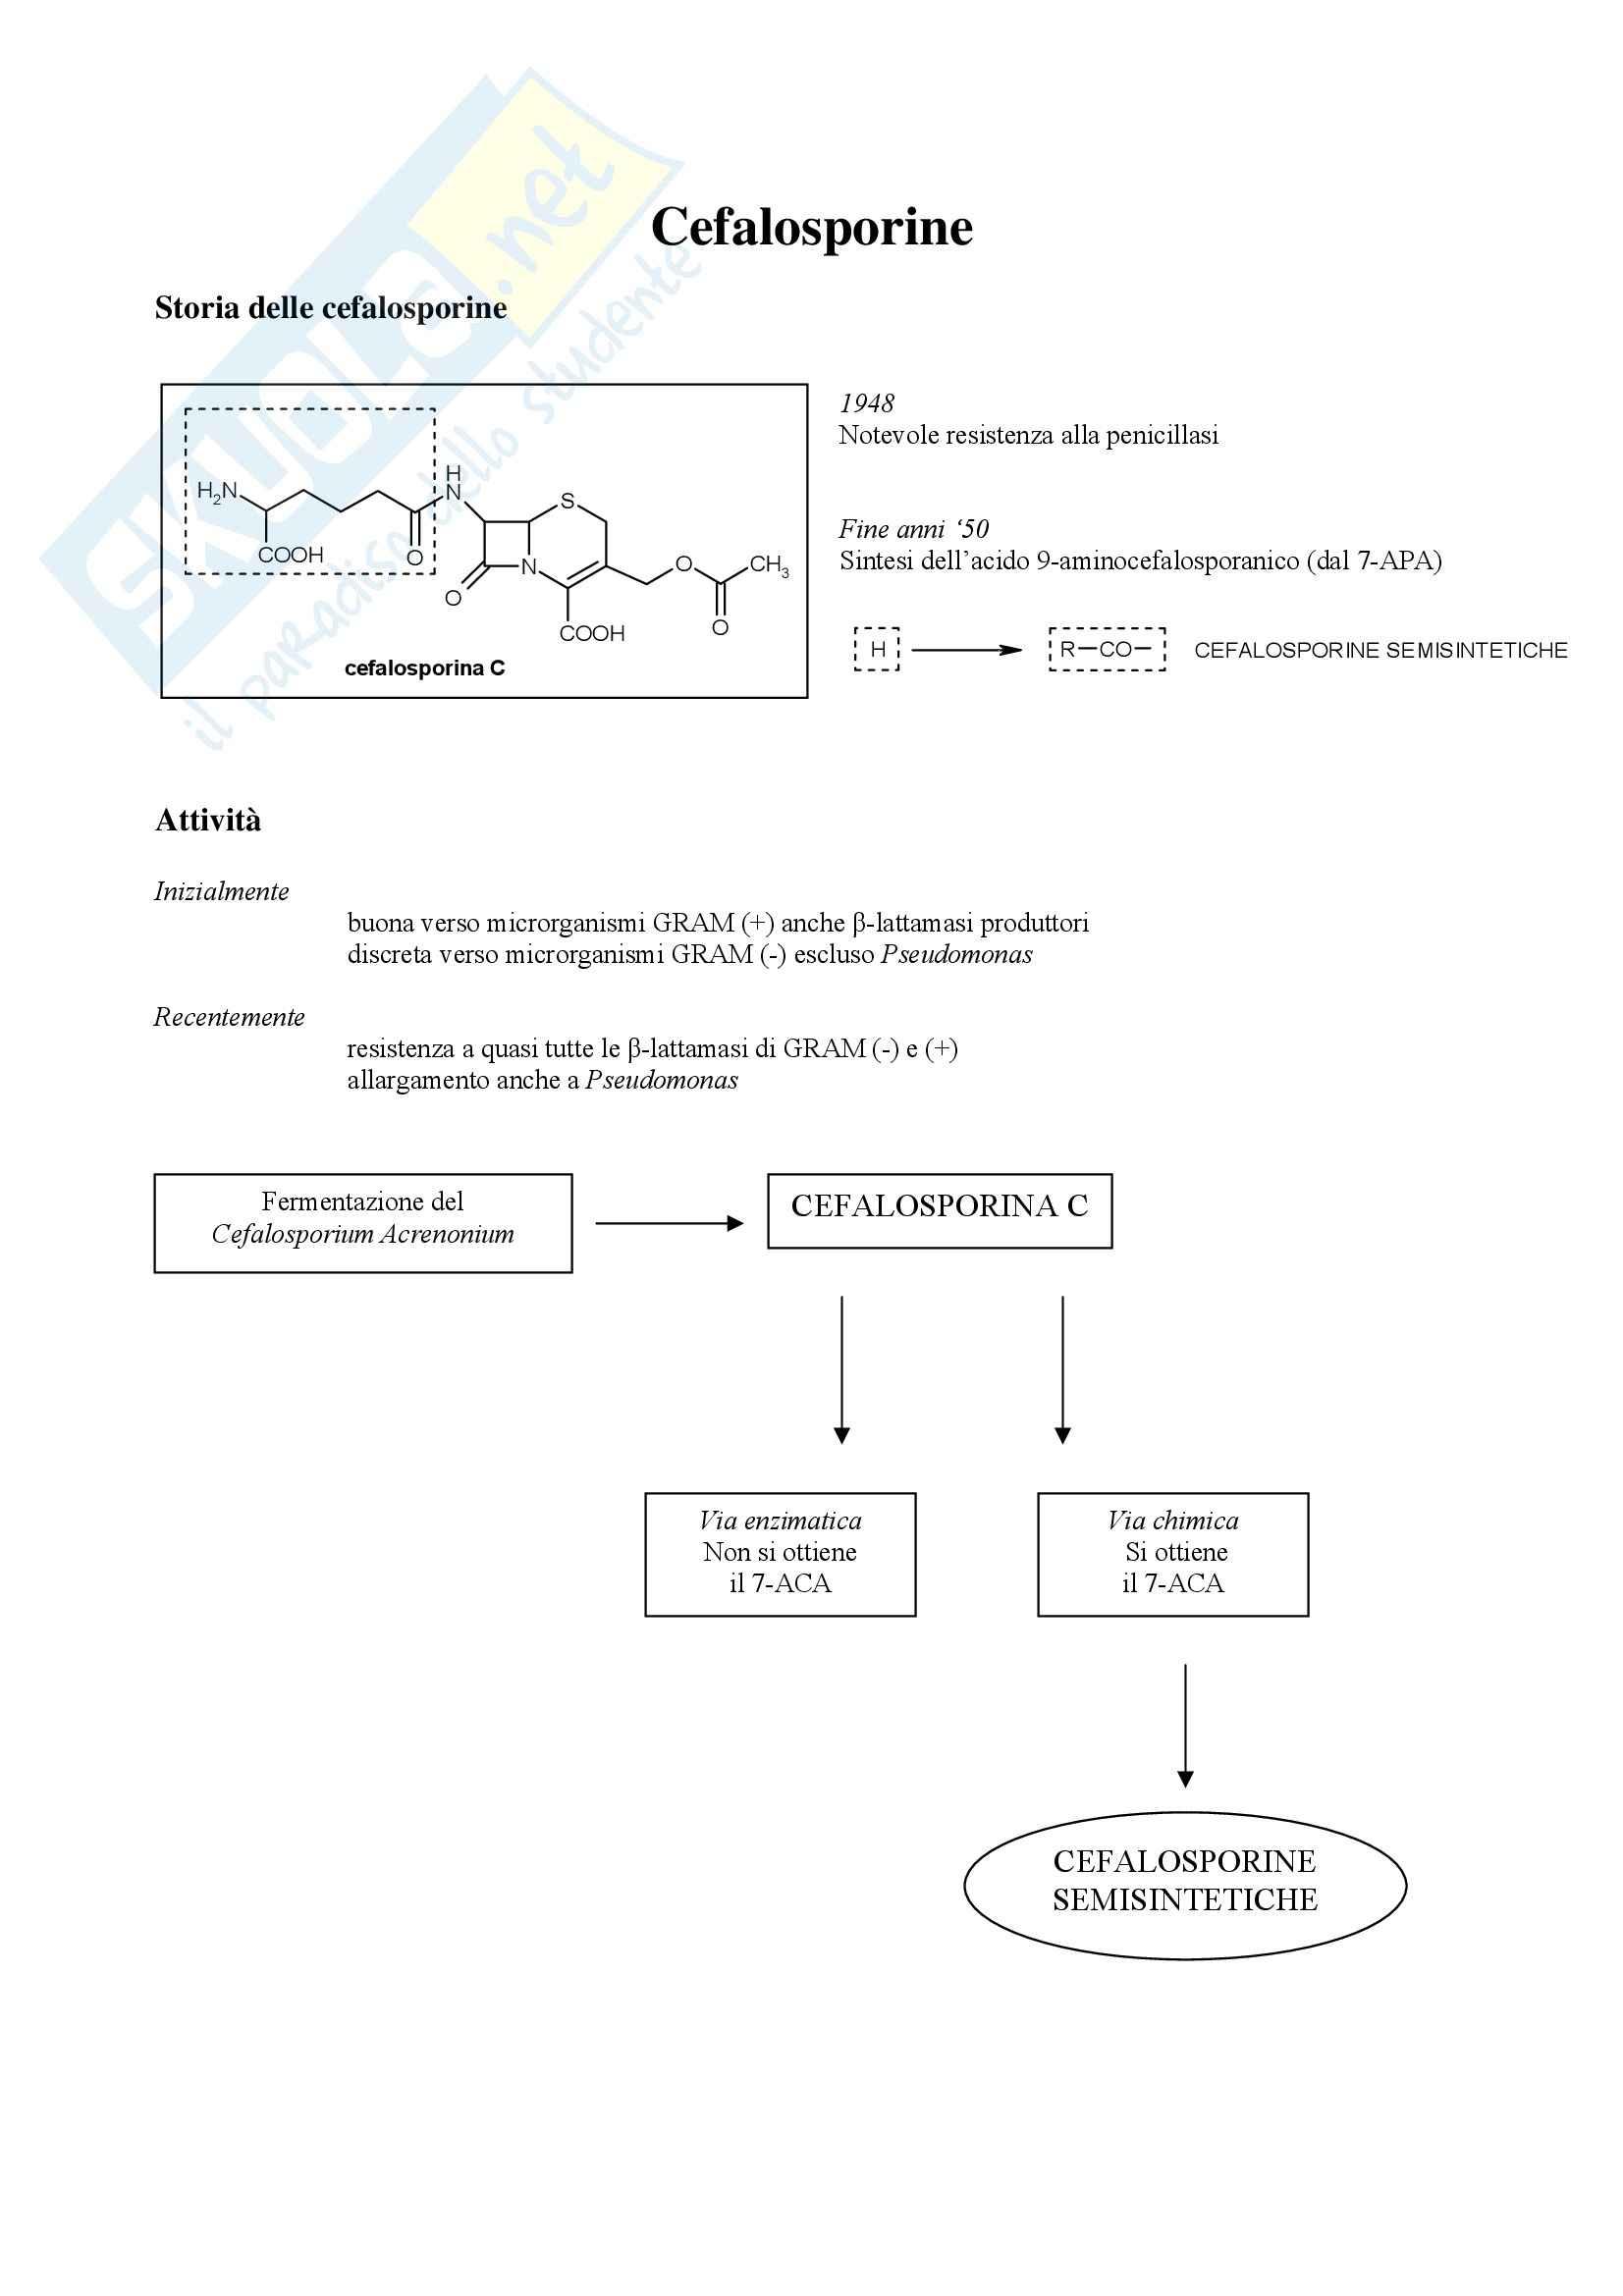 Chimica farmaceutica e tossicologica - cefalosporine